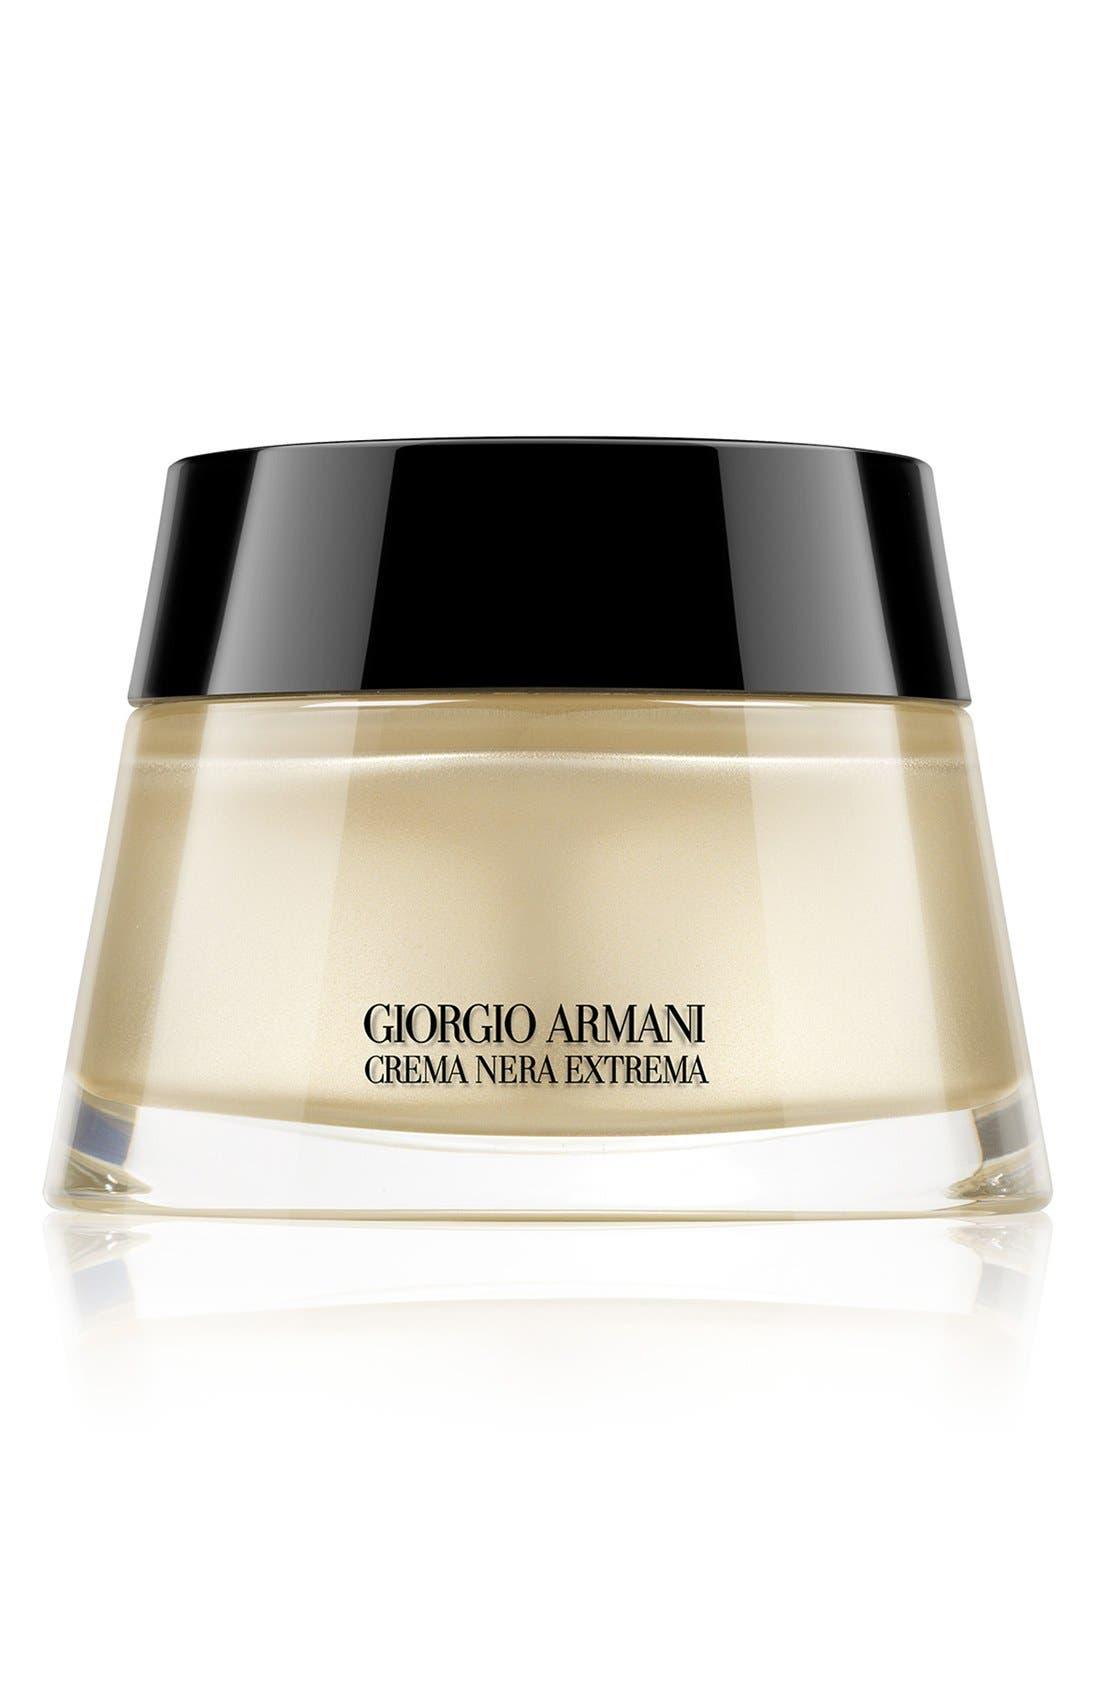 Giorgio Armani 'Crema Nera Extrema' Supreme Recovery Balm